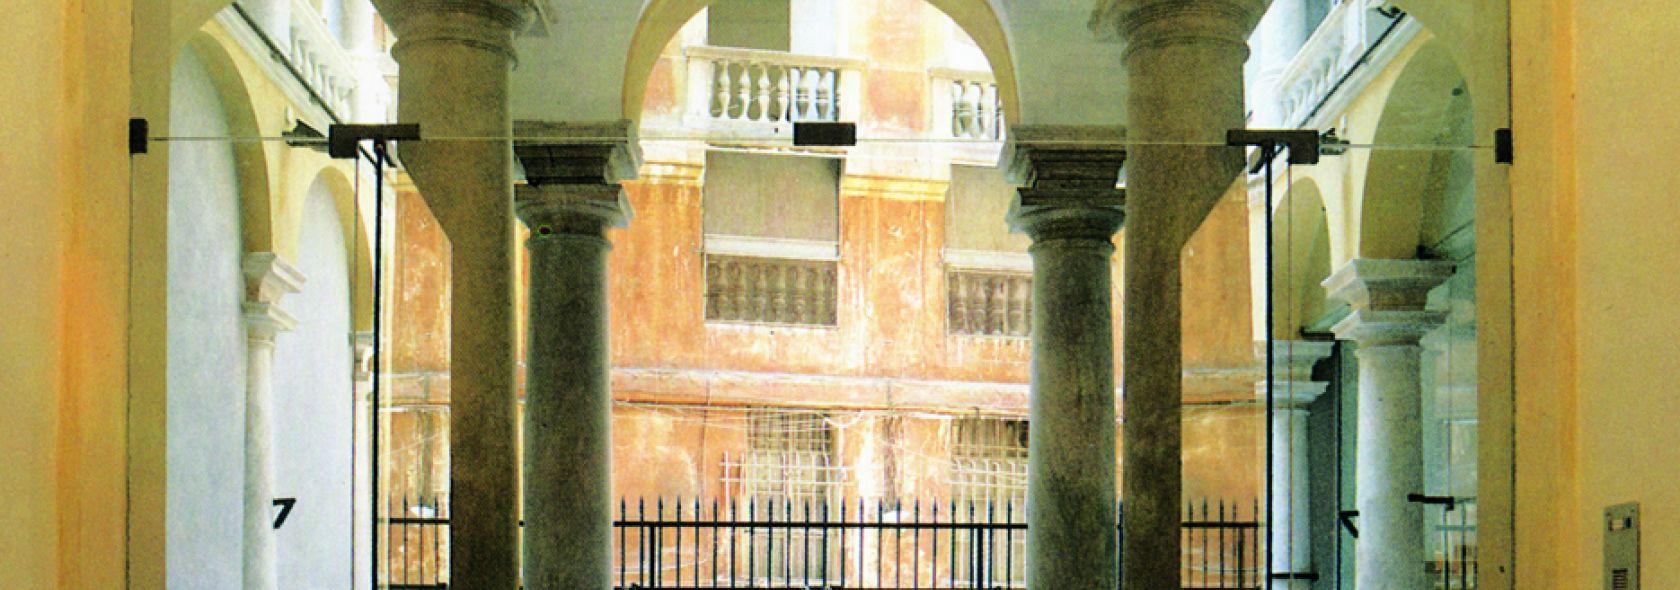 Palazzo Ambrogio De Nigro - atrio